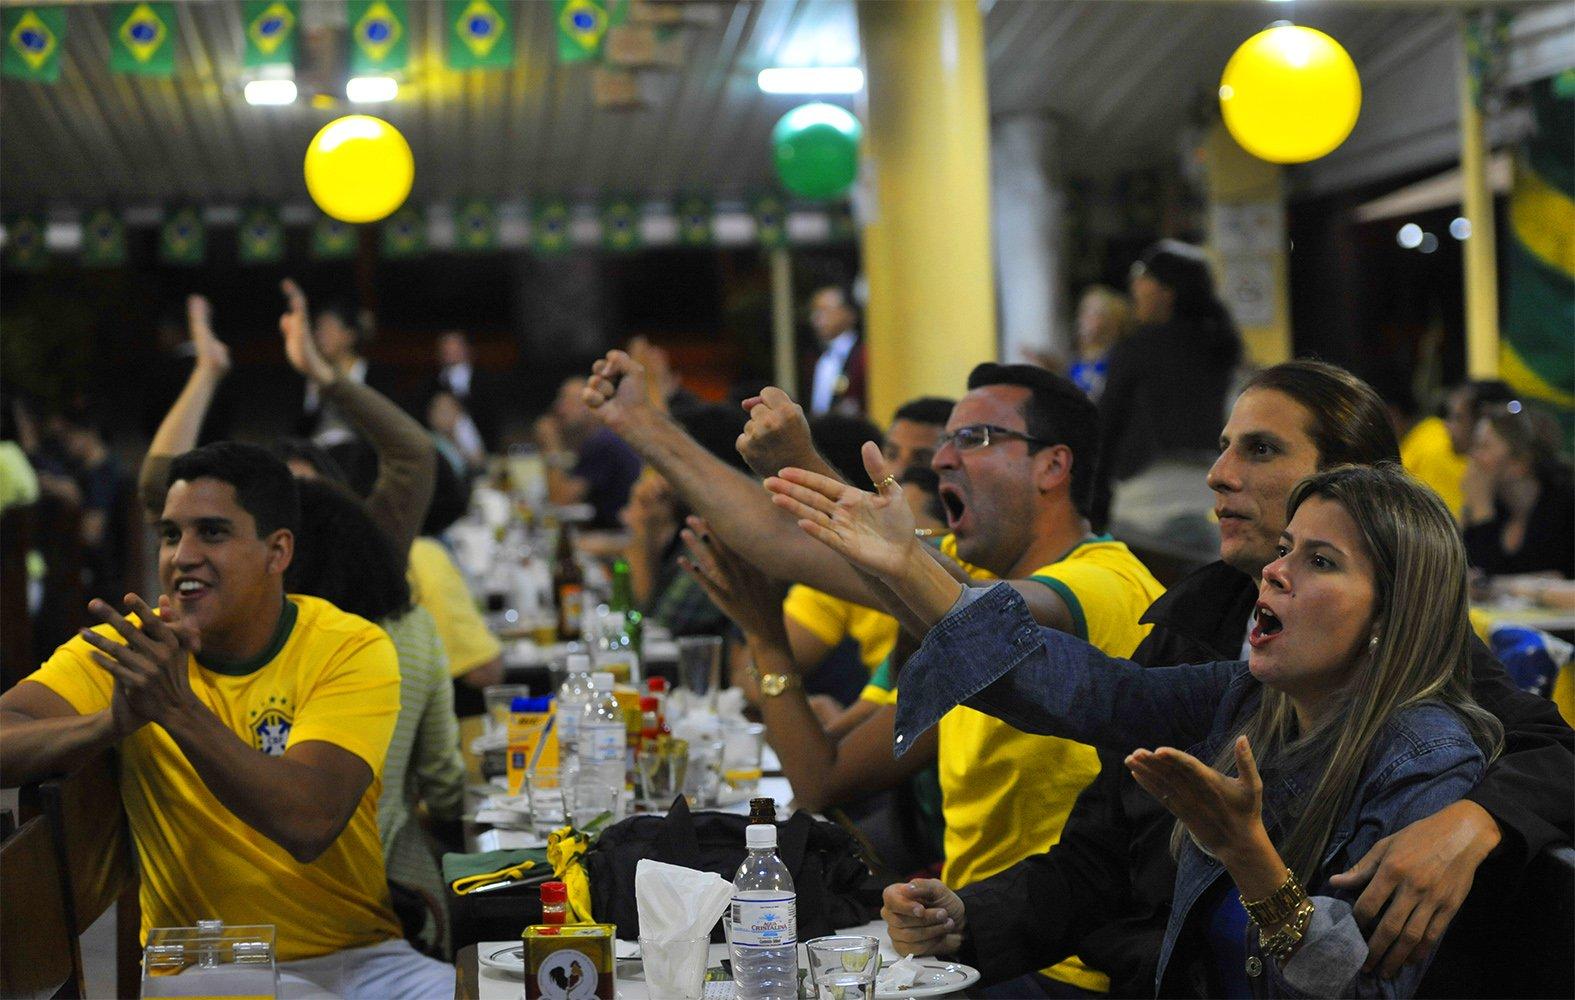 Bares para assistir aos jogos da Copa do Mundo em Goiânia | Foto: José Cruz/Agência Brasil